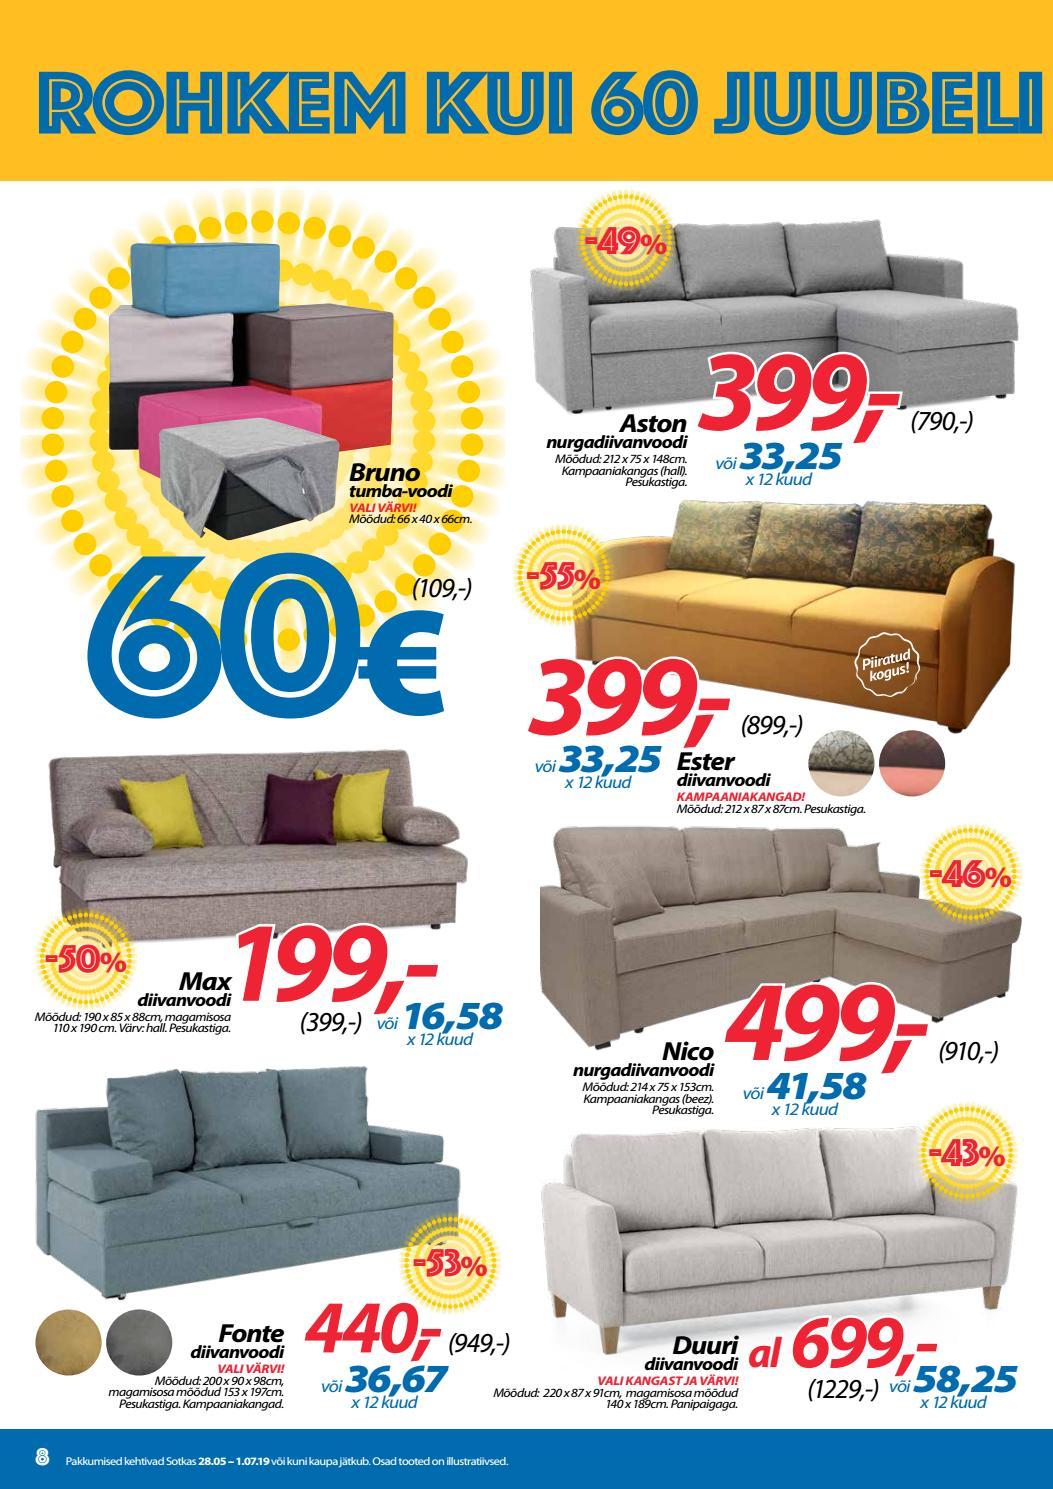 570bd984876 Sotka on 60! Juubelipakkumised ootavad Sind! Palju tooteid -60% või 60€ by  Indoor Group AS - issuu